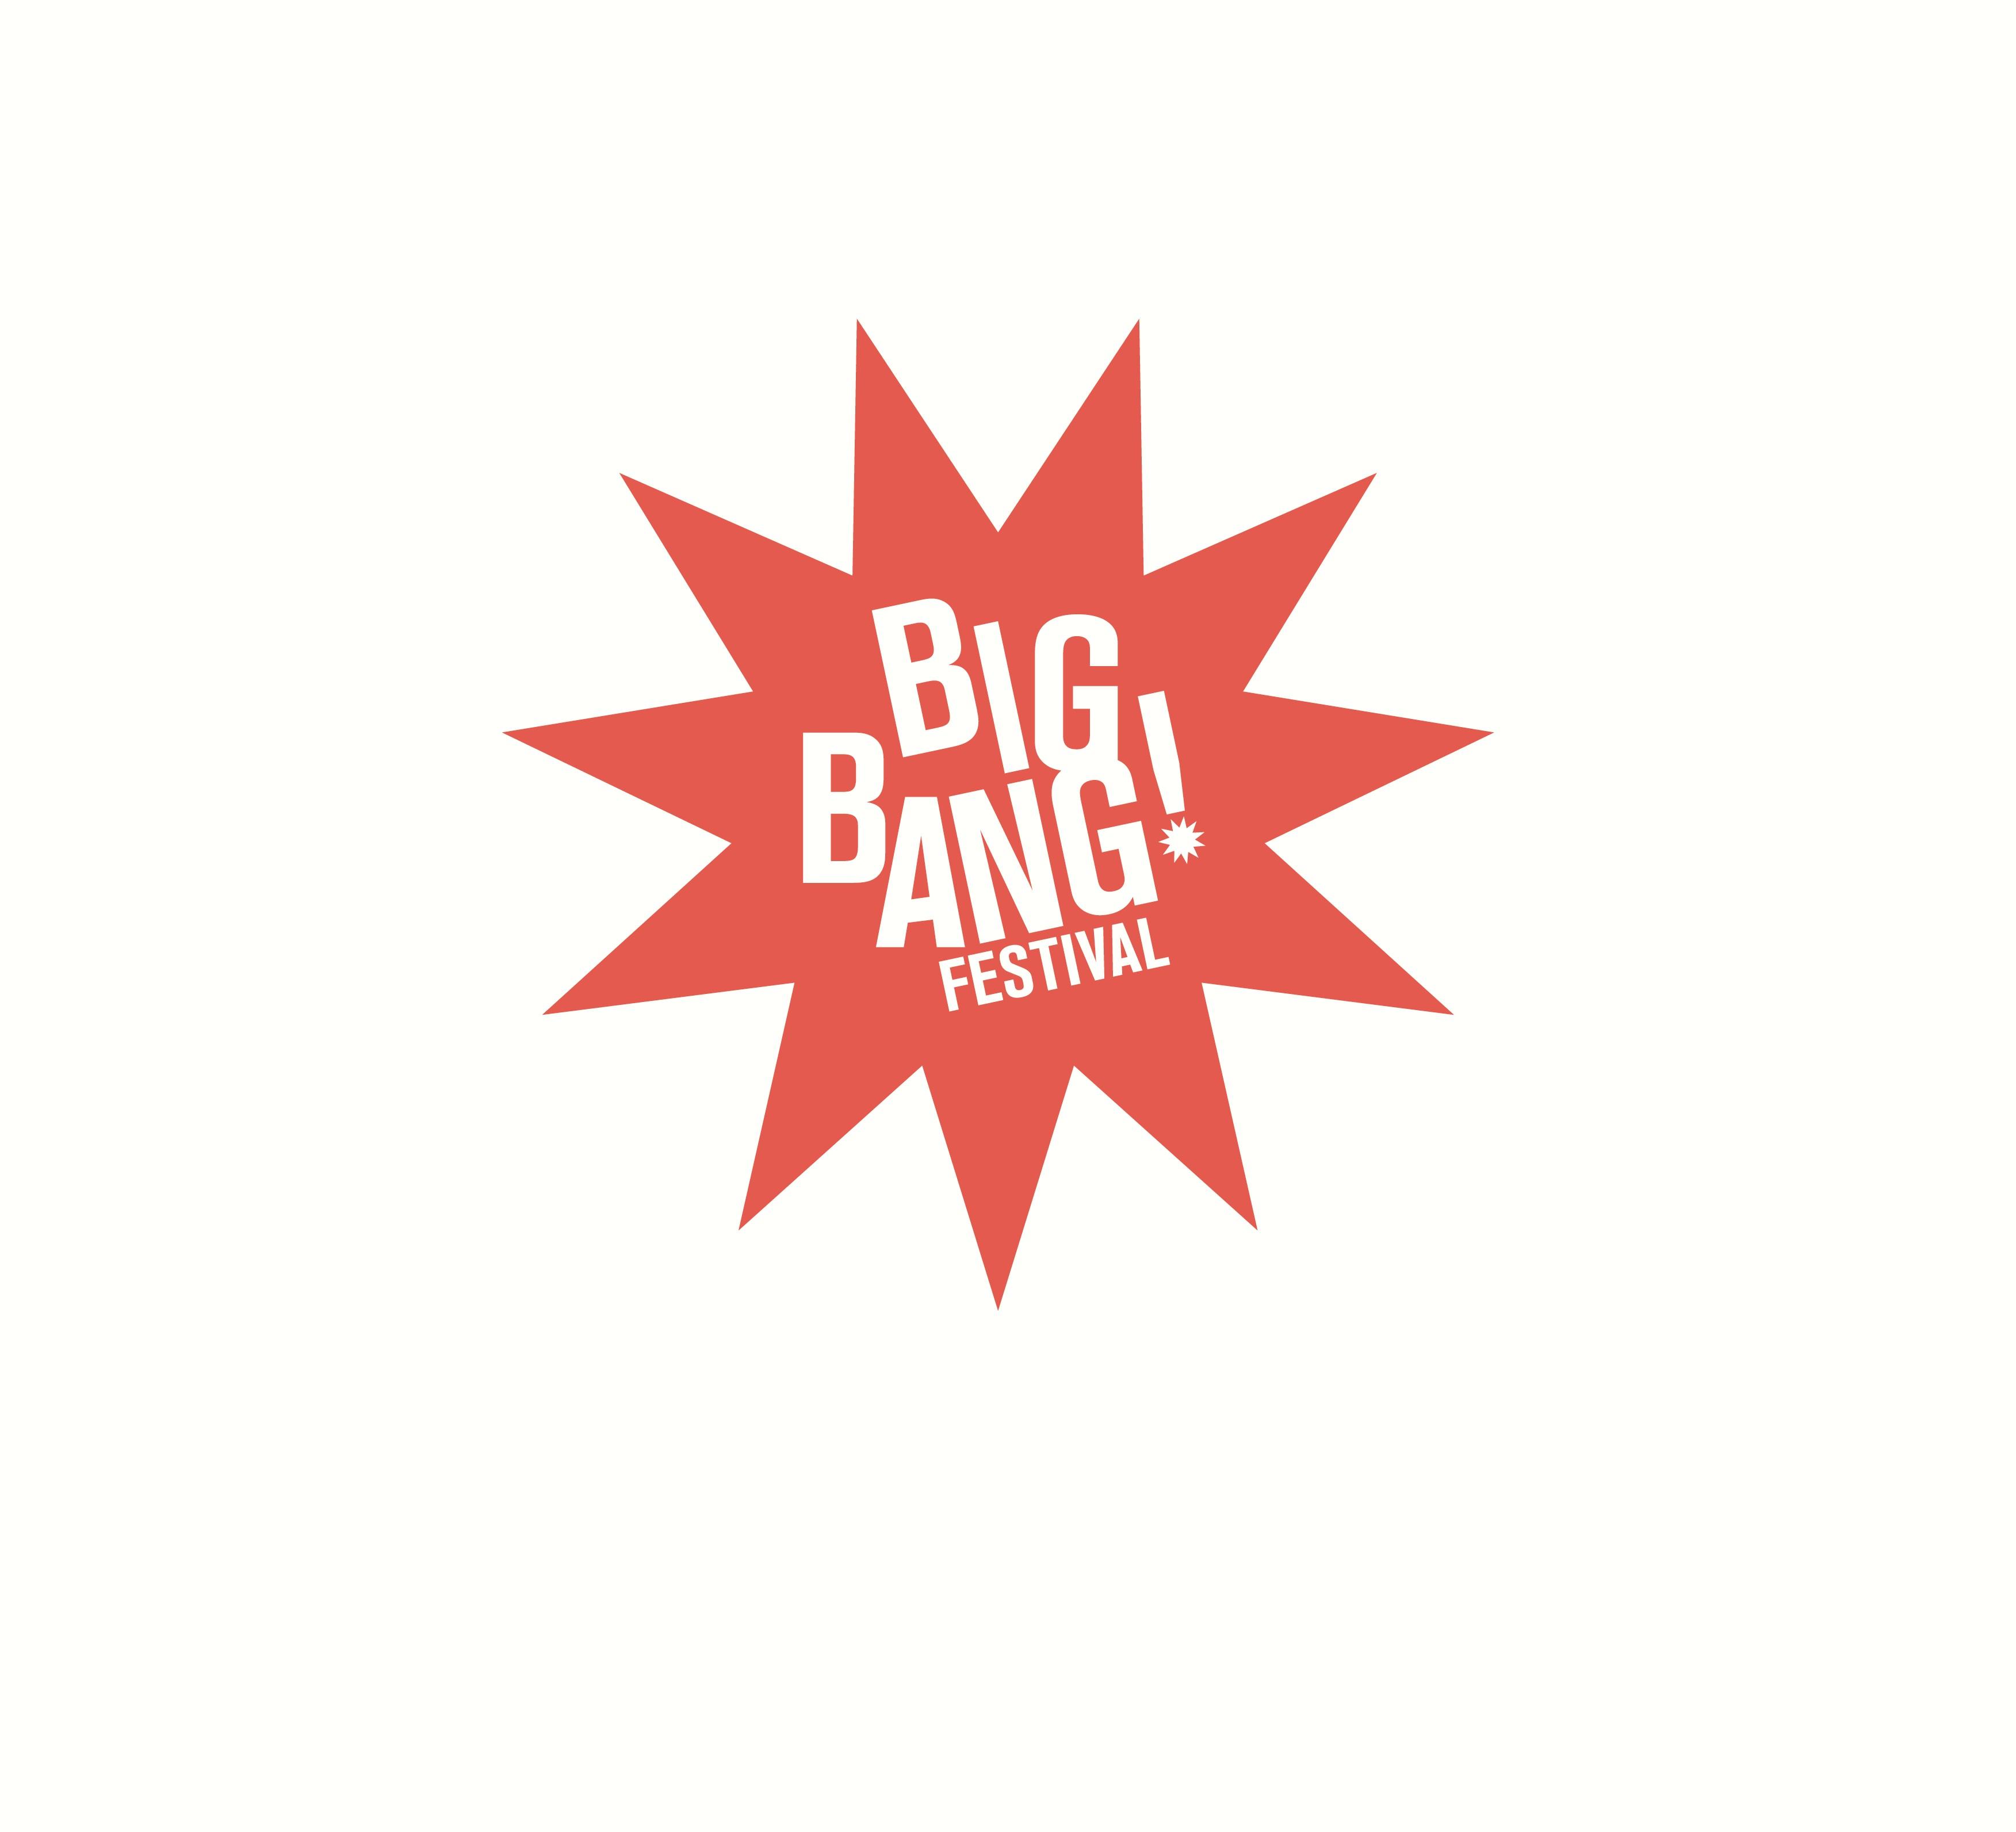 Webbigbang typo logo (typestar)